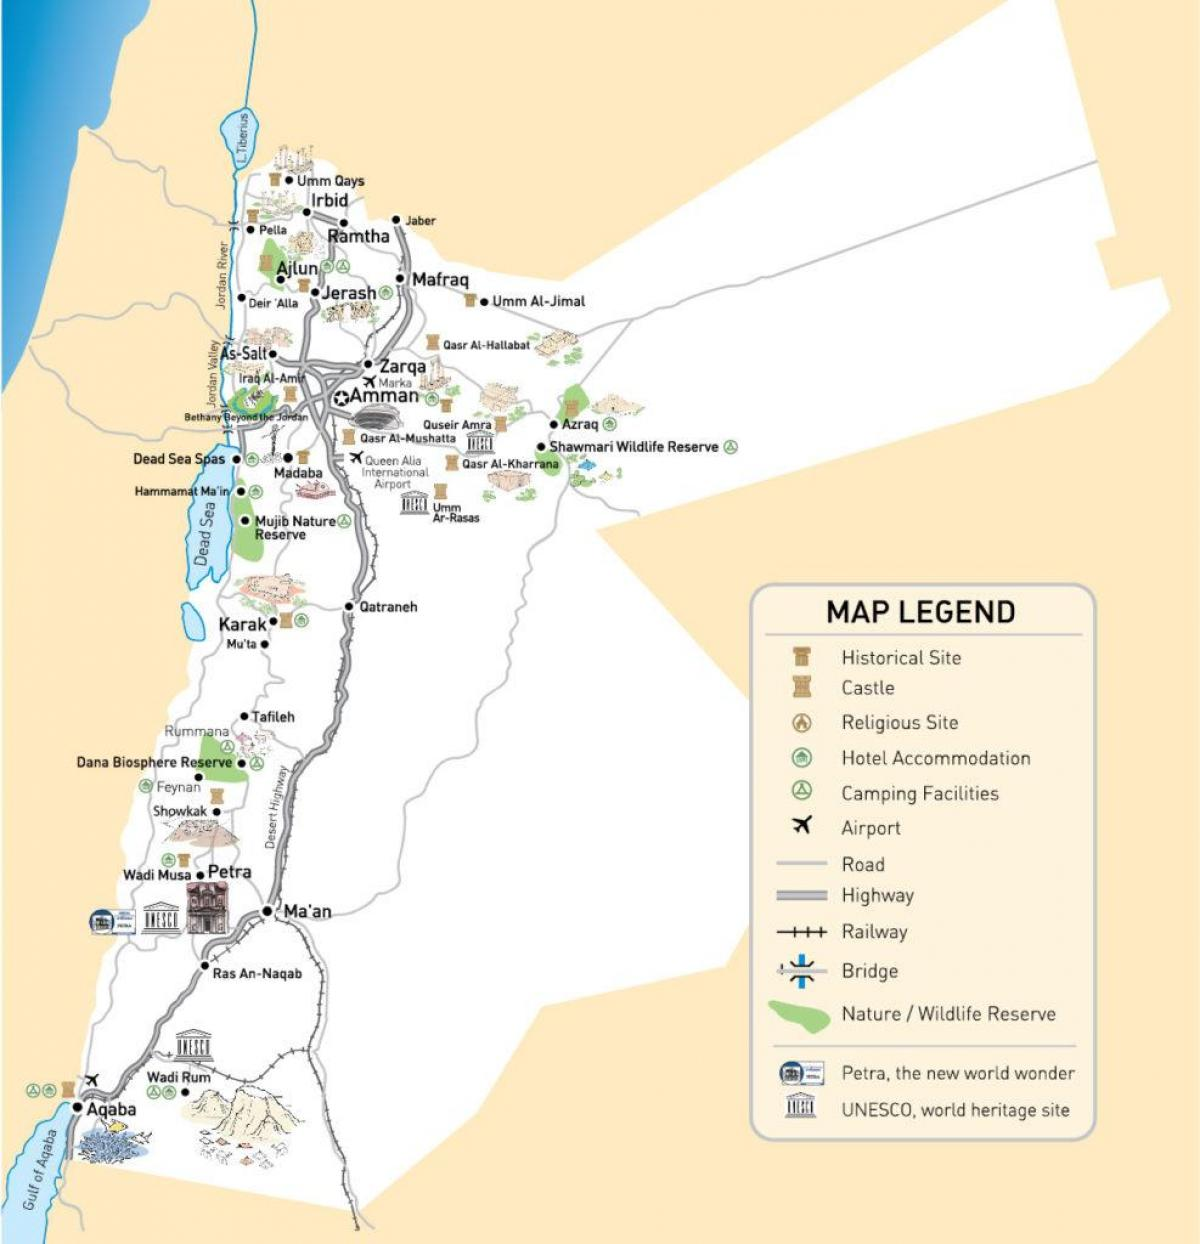 خريطة الأردن و مطاراتها باللغة الإنجليزية